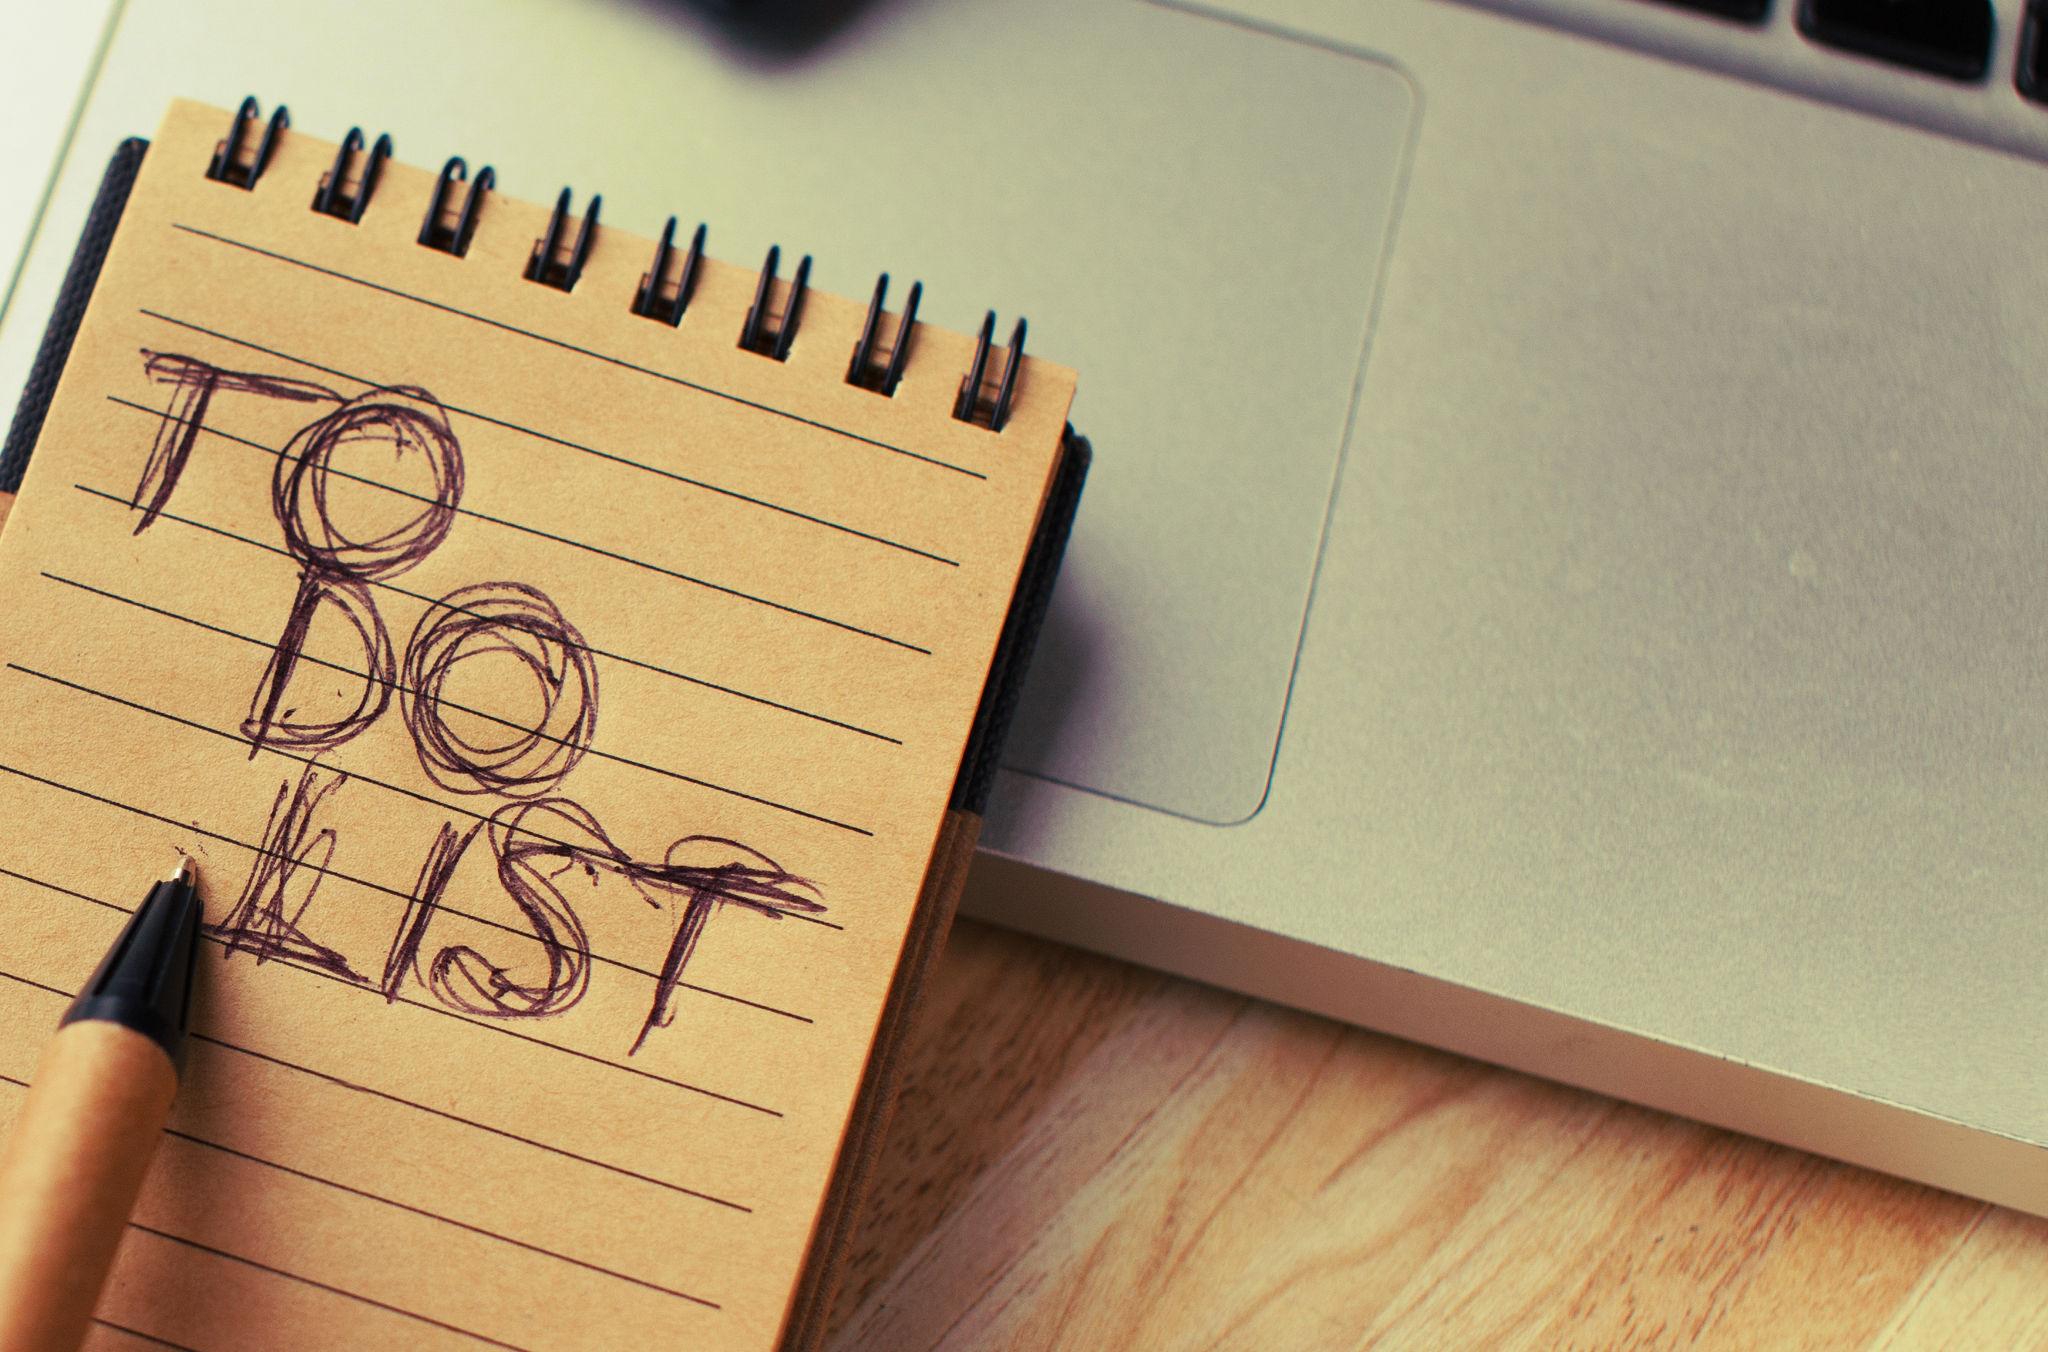 Die ToDo-Liste als grundlegendes Aufgabenmanagement-Werkzeug